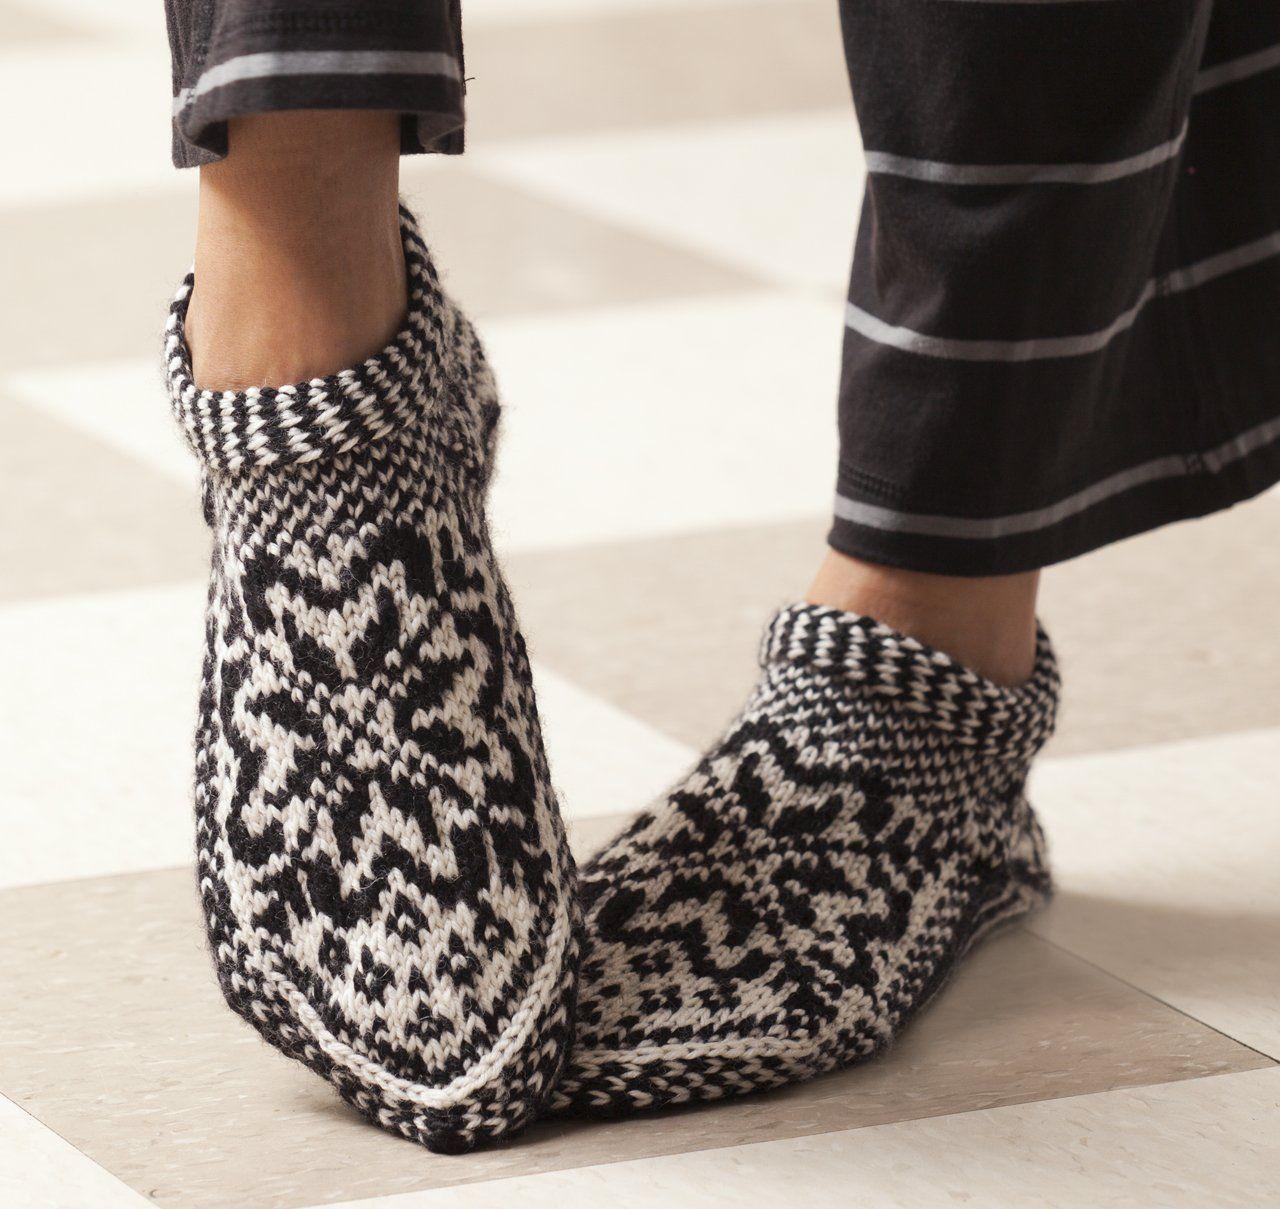 Knitting Scandinavian Slippers And Socks Laura Farson 9781604680492 Amazon Com Books Slippers Pattern Crochet Slippers Knitted Slippers